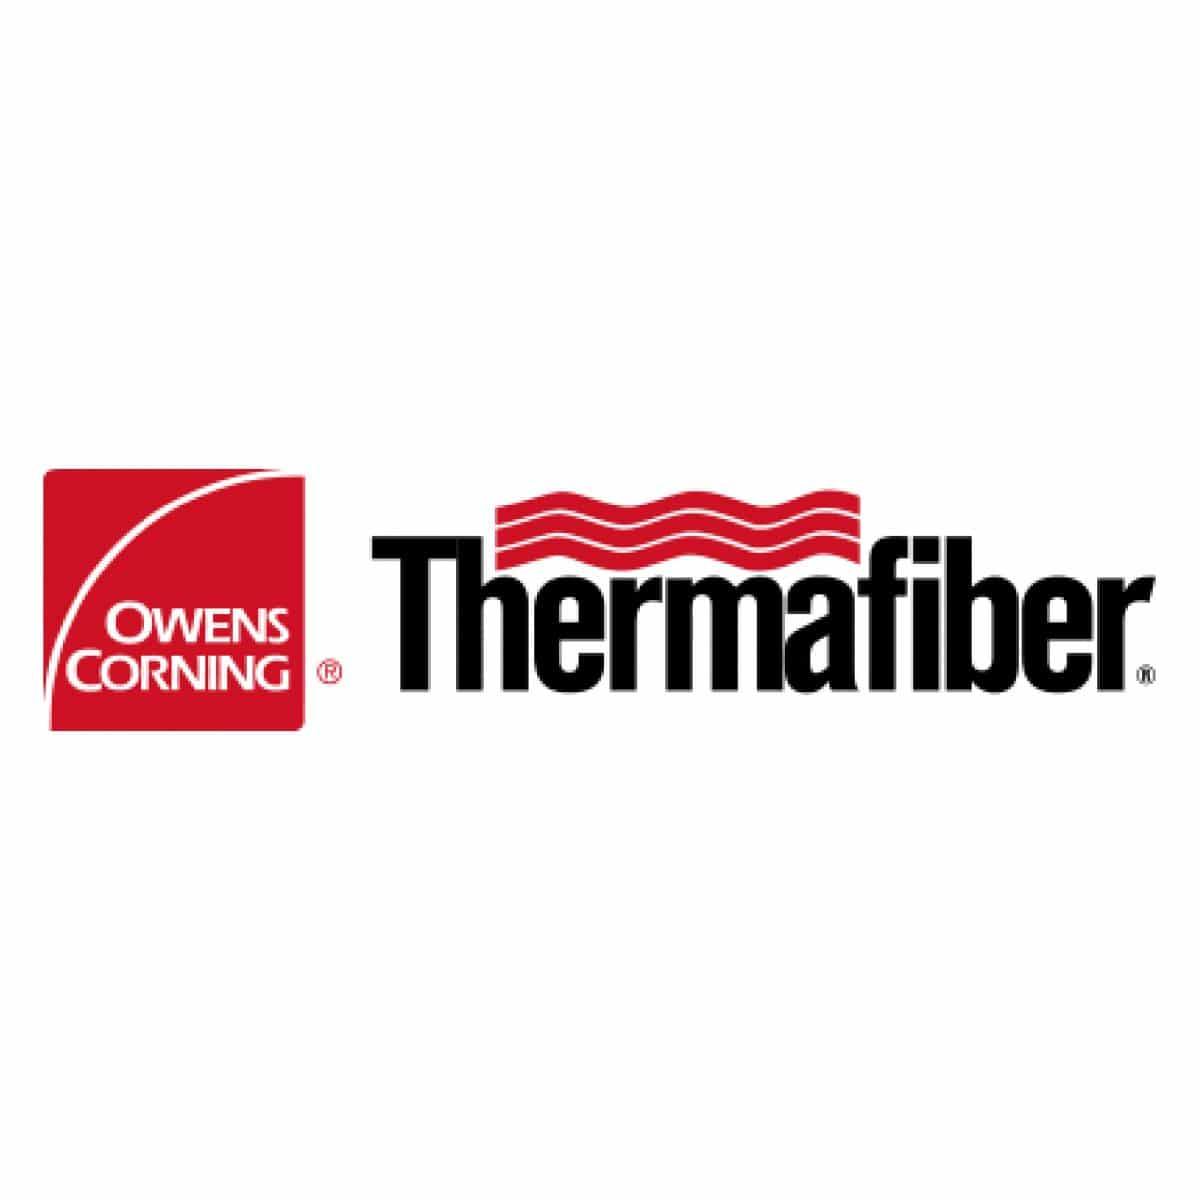 Thermafiber